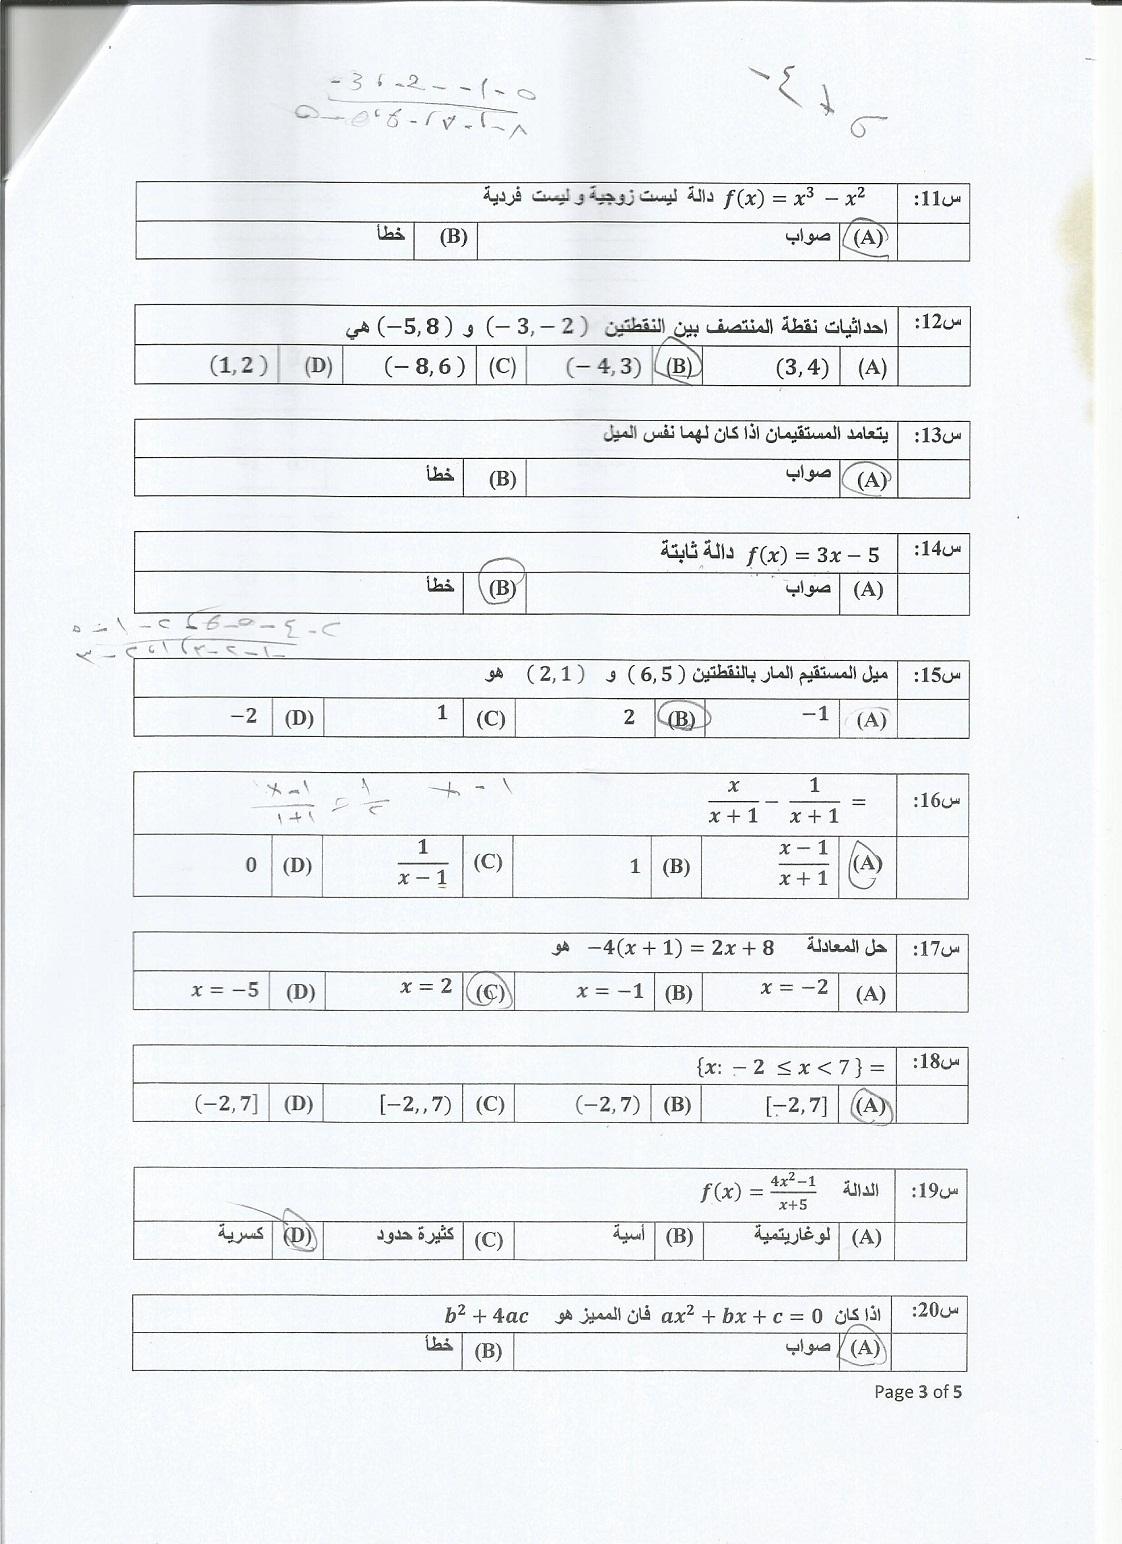 اسئلة اختبار الرياضيات math 111 انتساب الفصل الثاني 1436هـ yy-001.jpg